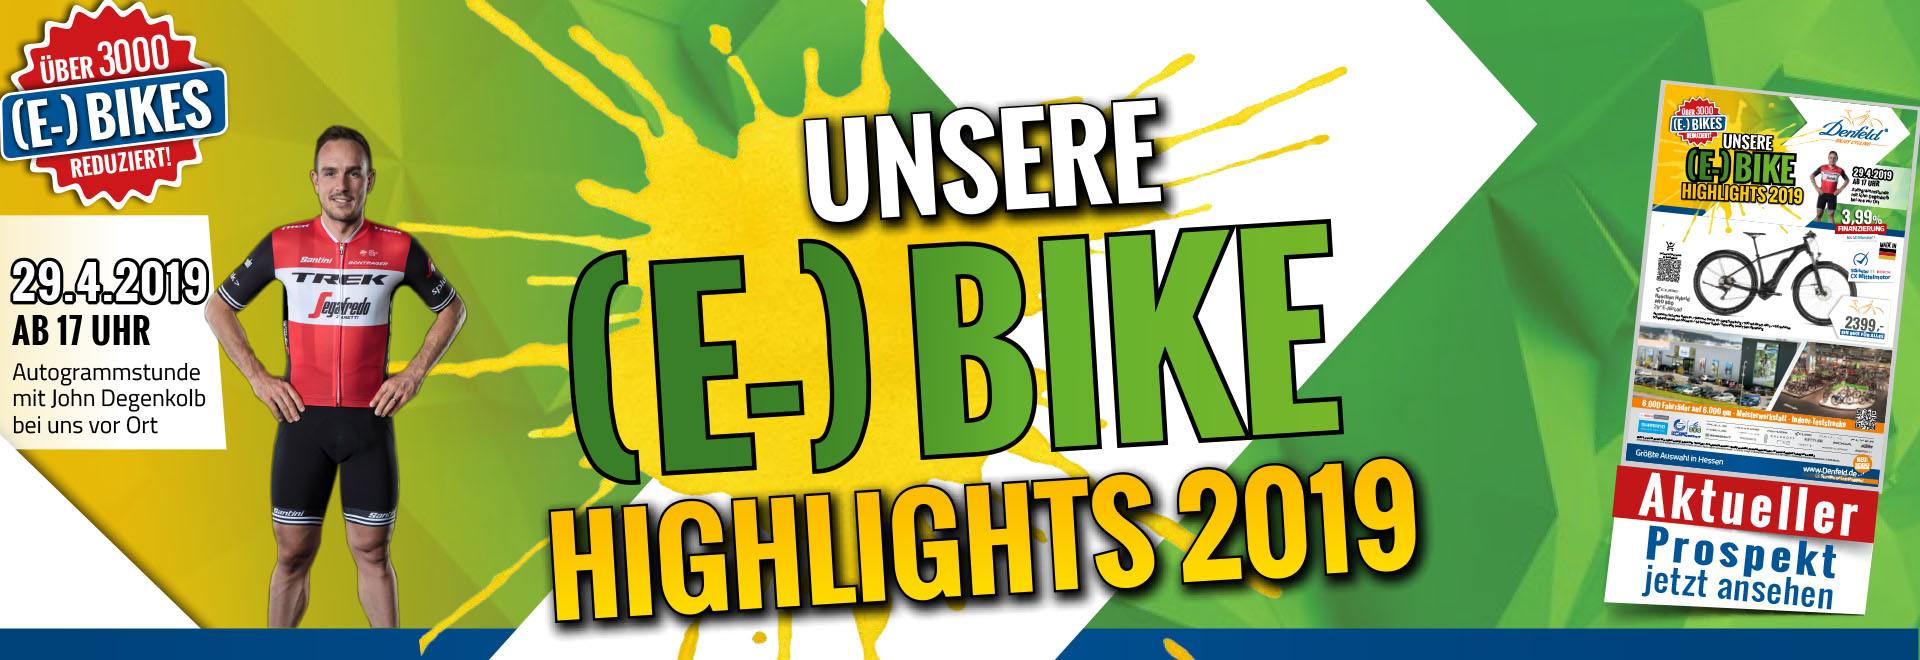 Fahrrad Denfeld Radsport GmbH Prospekt 03-19